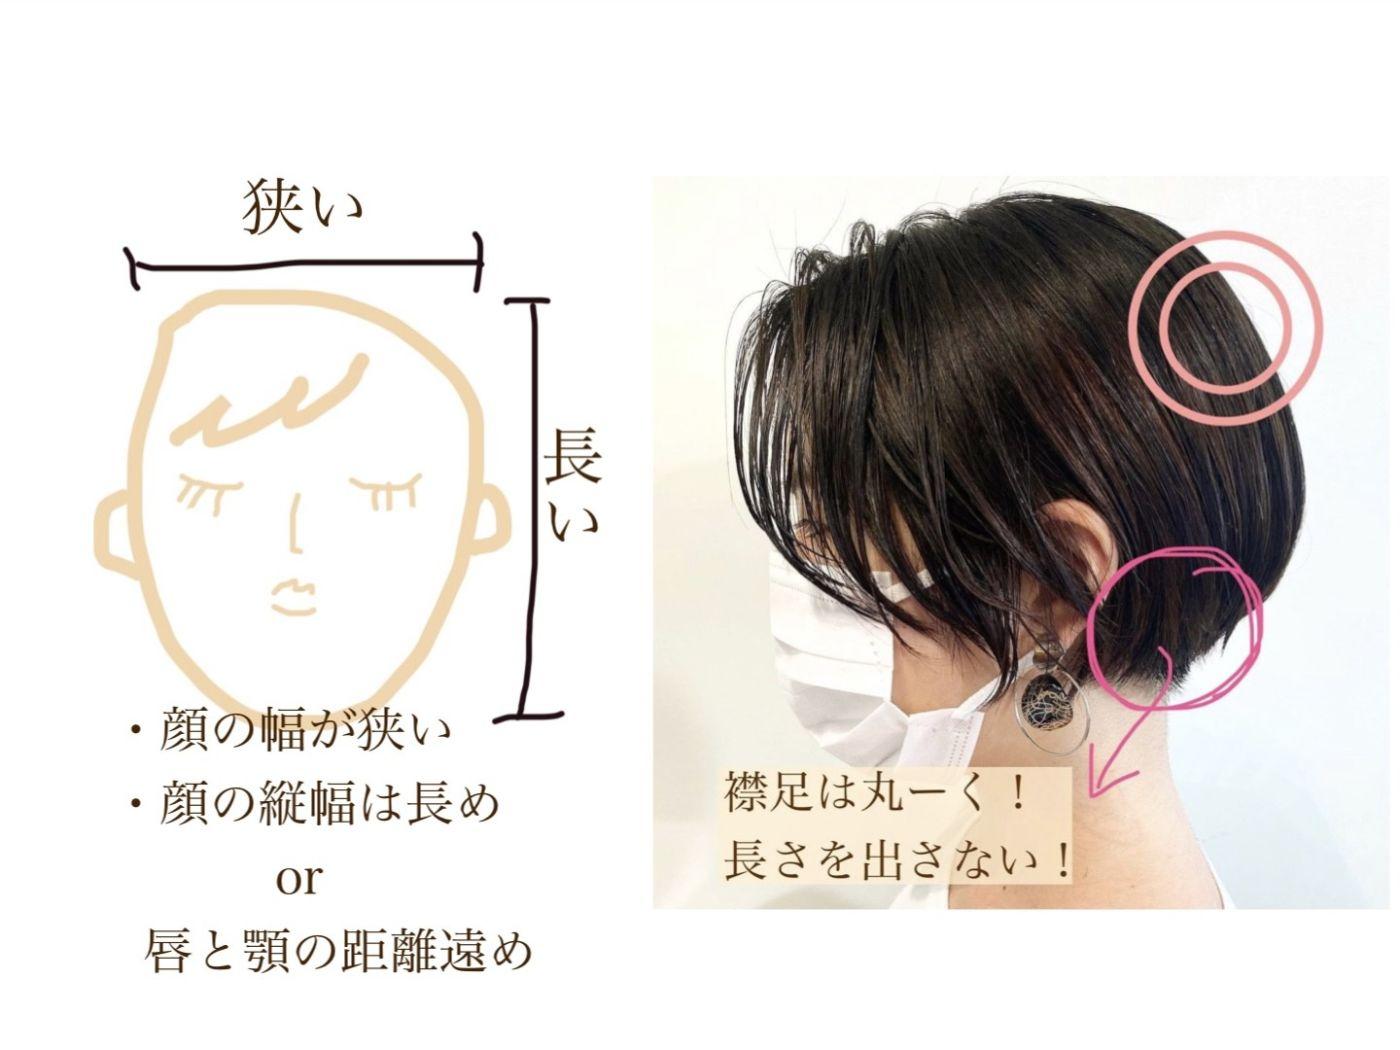 【 面長さんの特徴・似合うショートヘア 】